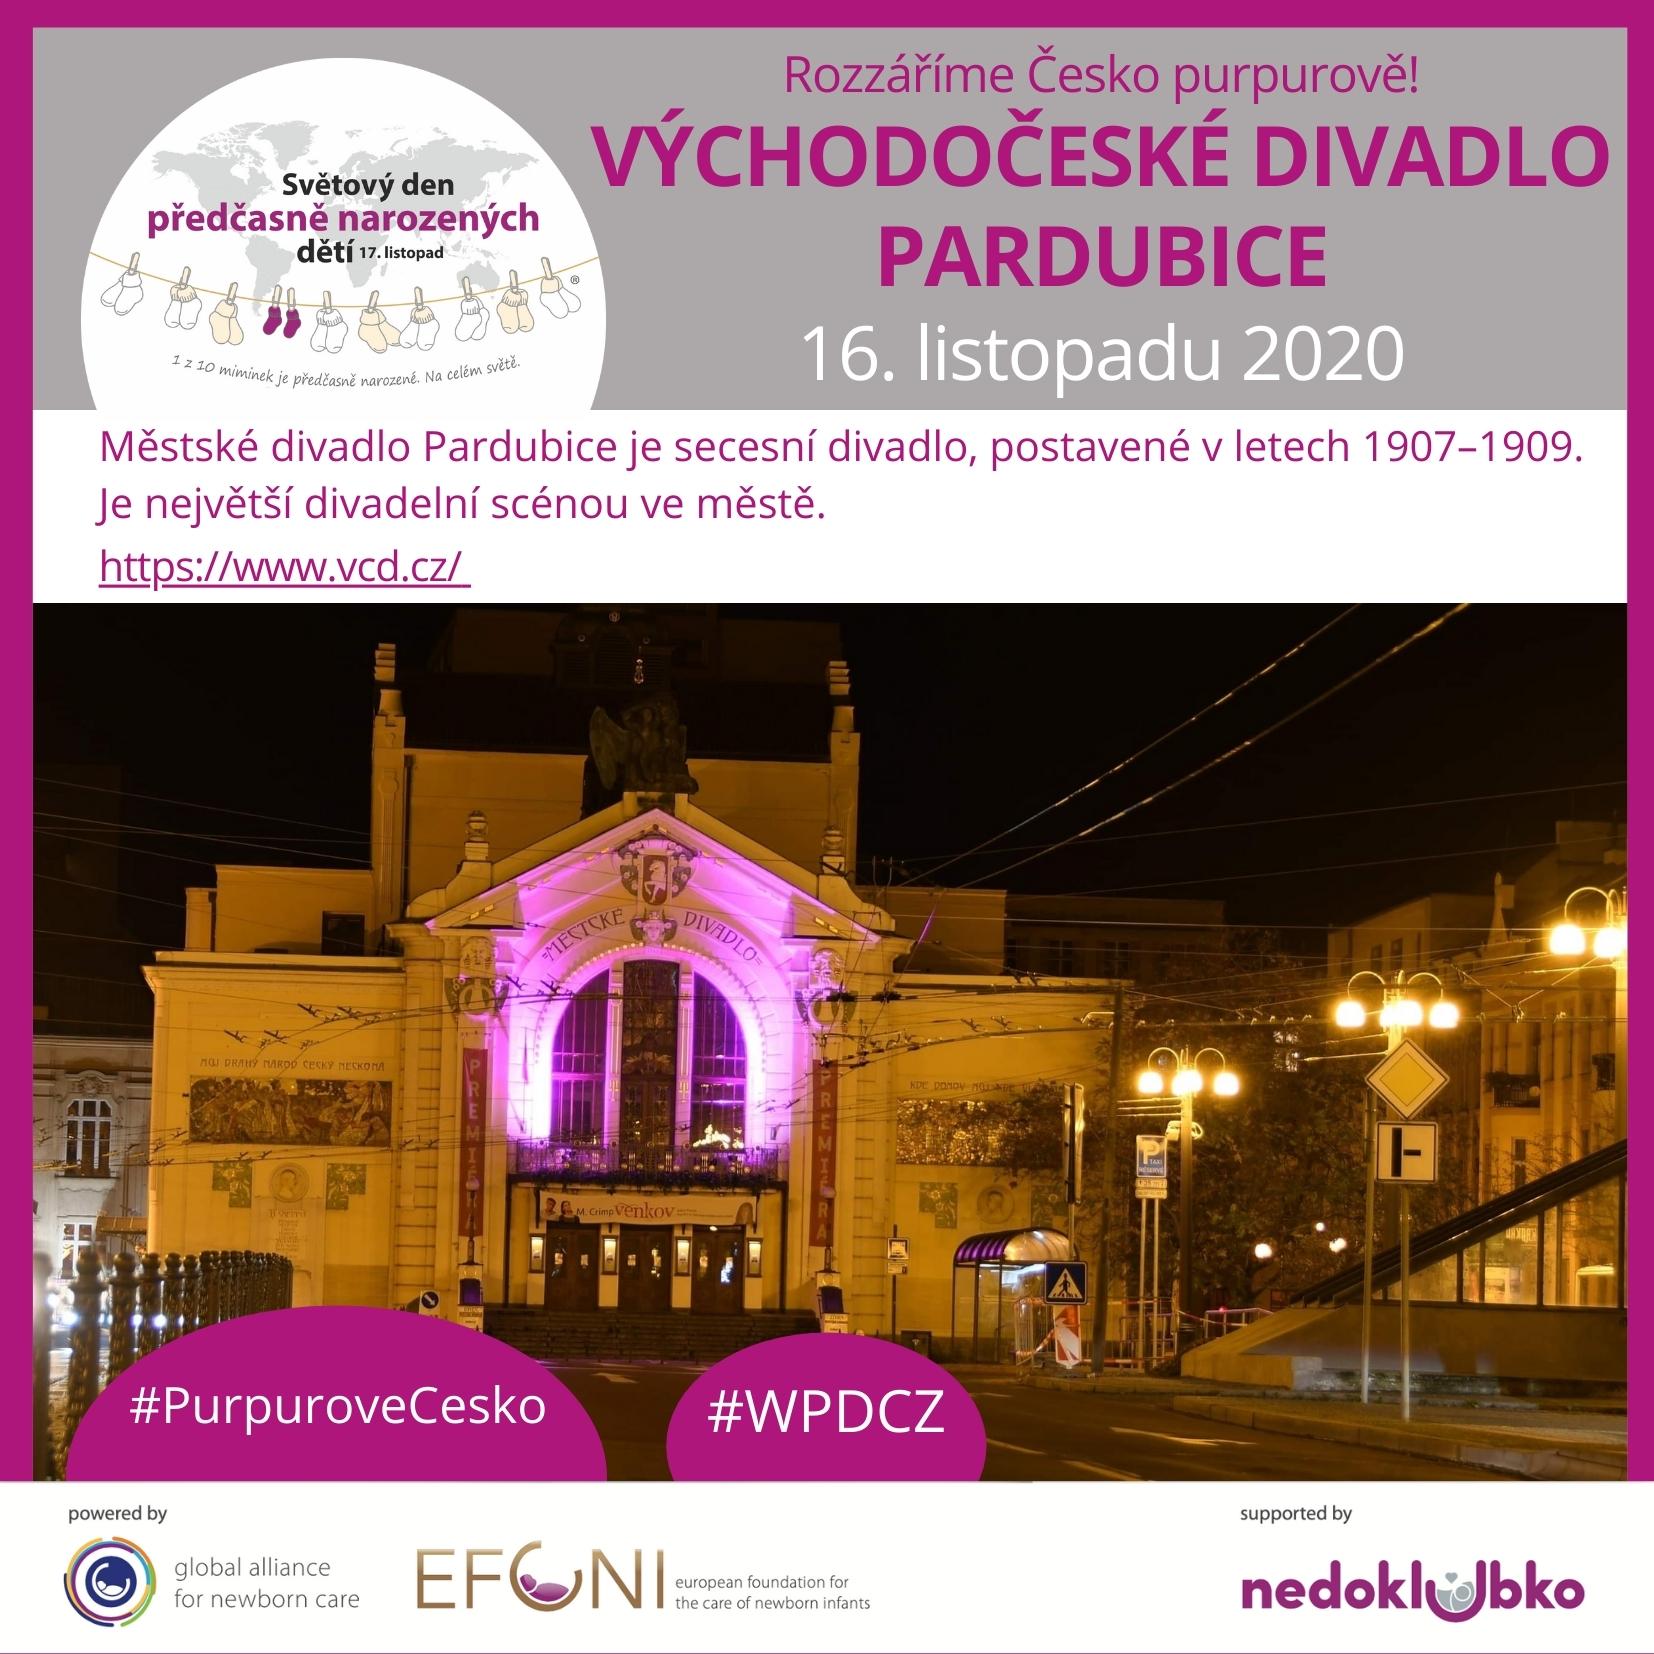 purpuroveCesko_DIVADLO PARDUBICE (1)